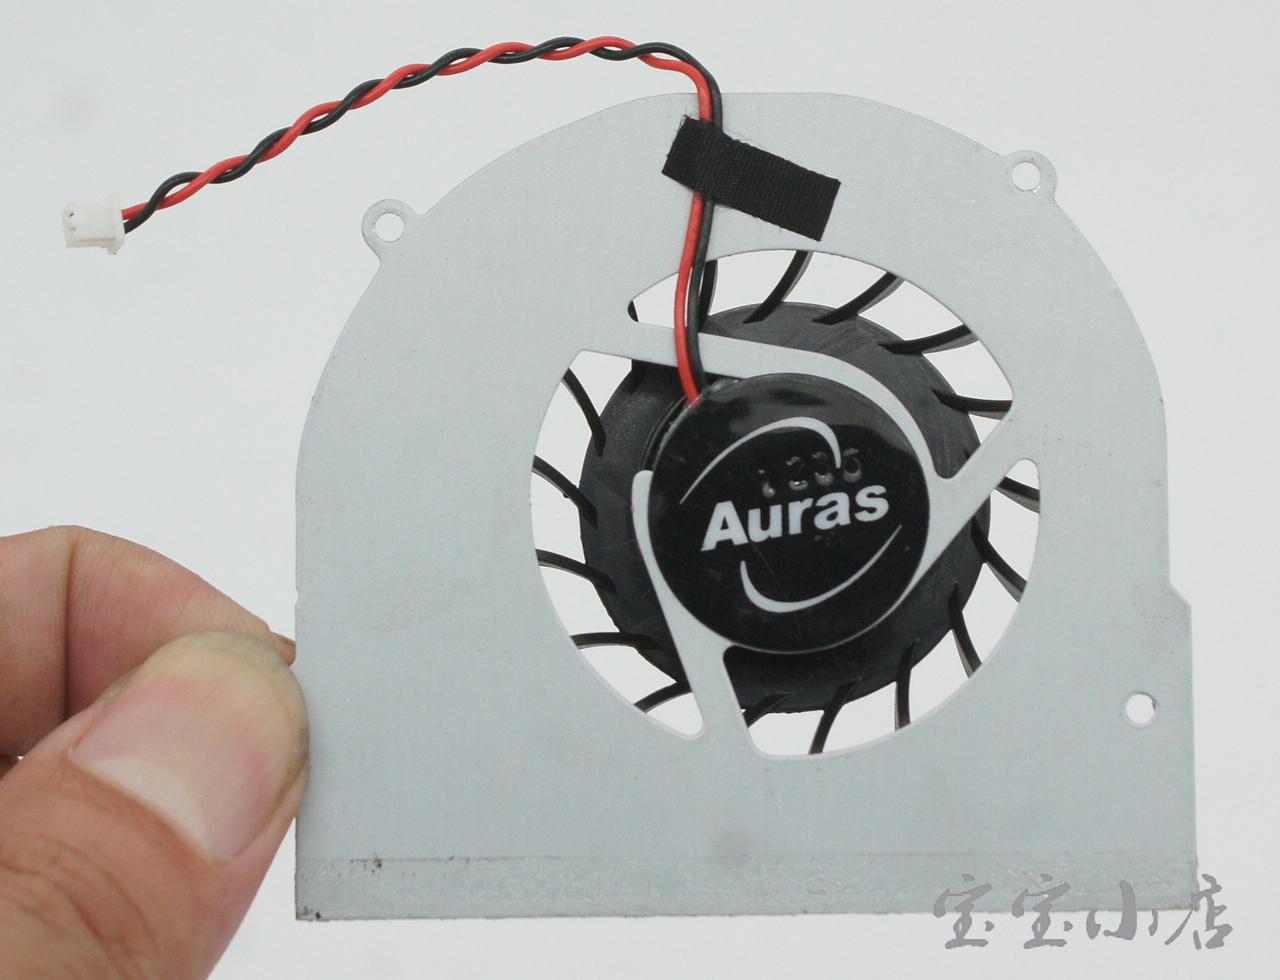 新到货14pcs  神舟 A420i-i3 I5 I7 E400 散热器 模组 导热铜管 风扇 Hasee Cpu cooling fan with heatsink replacement